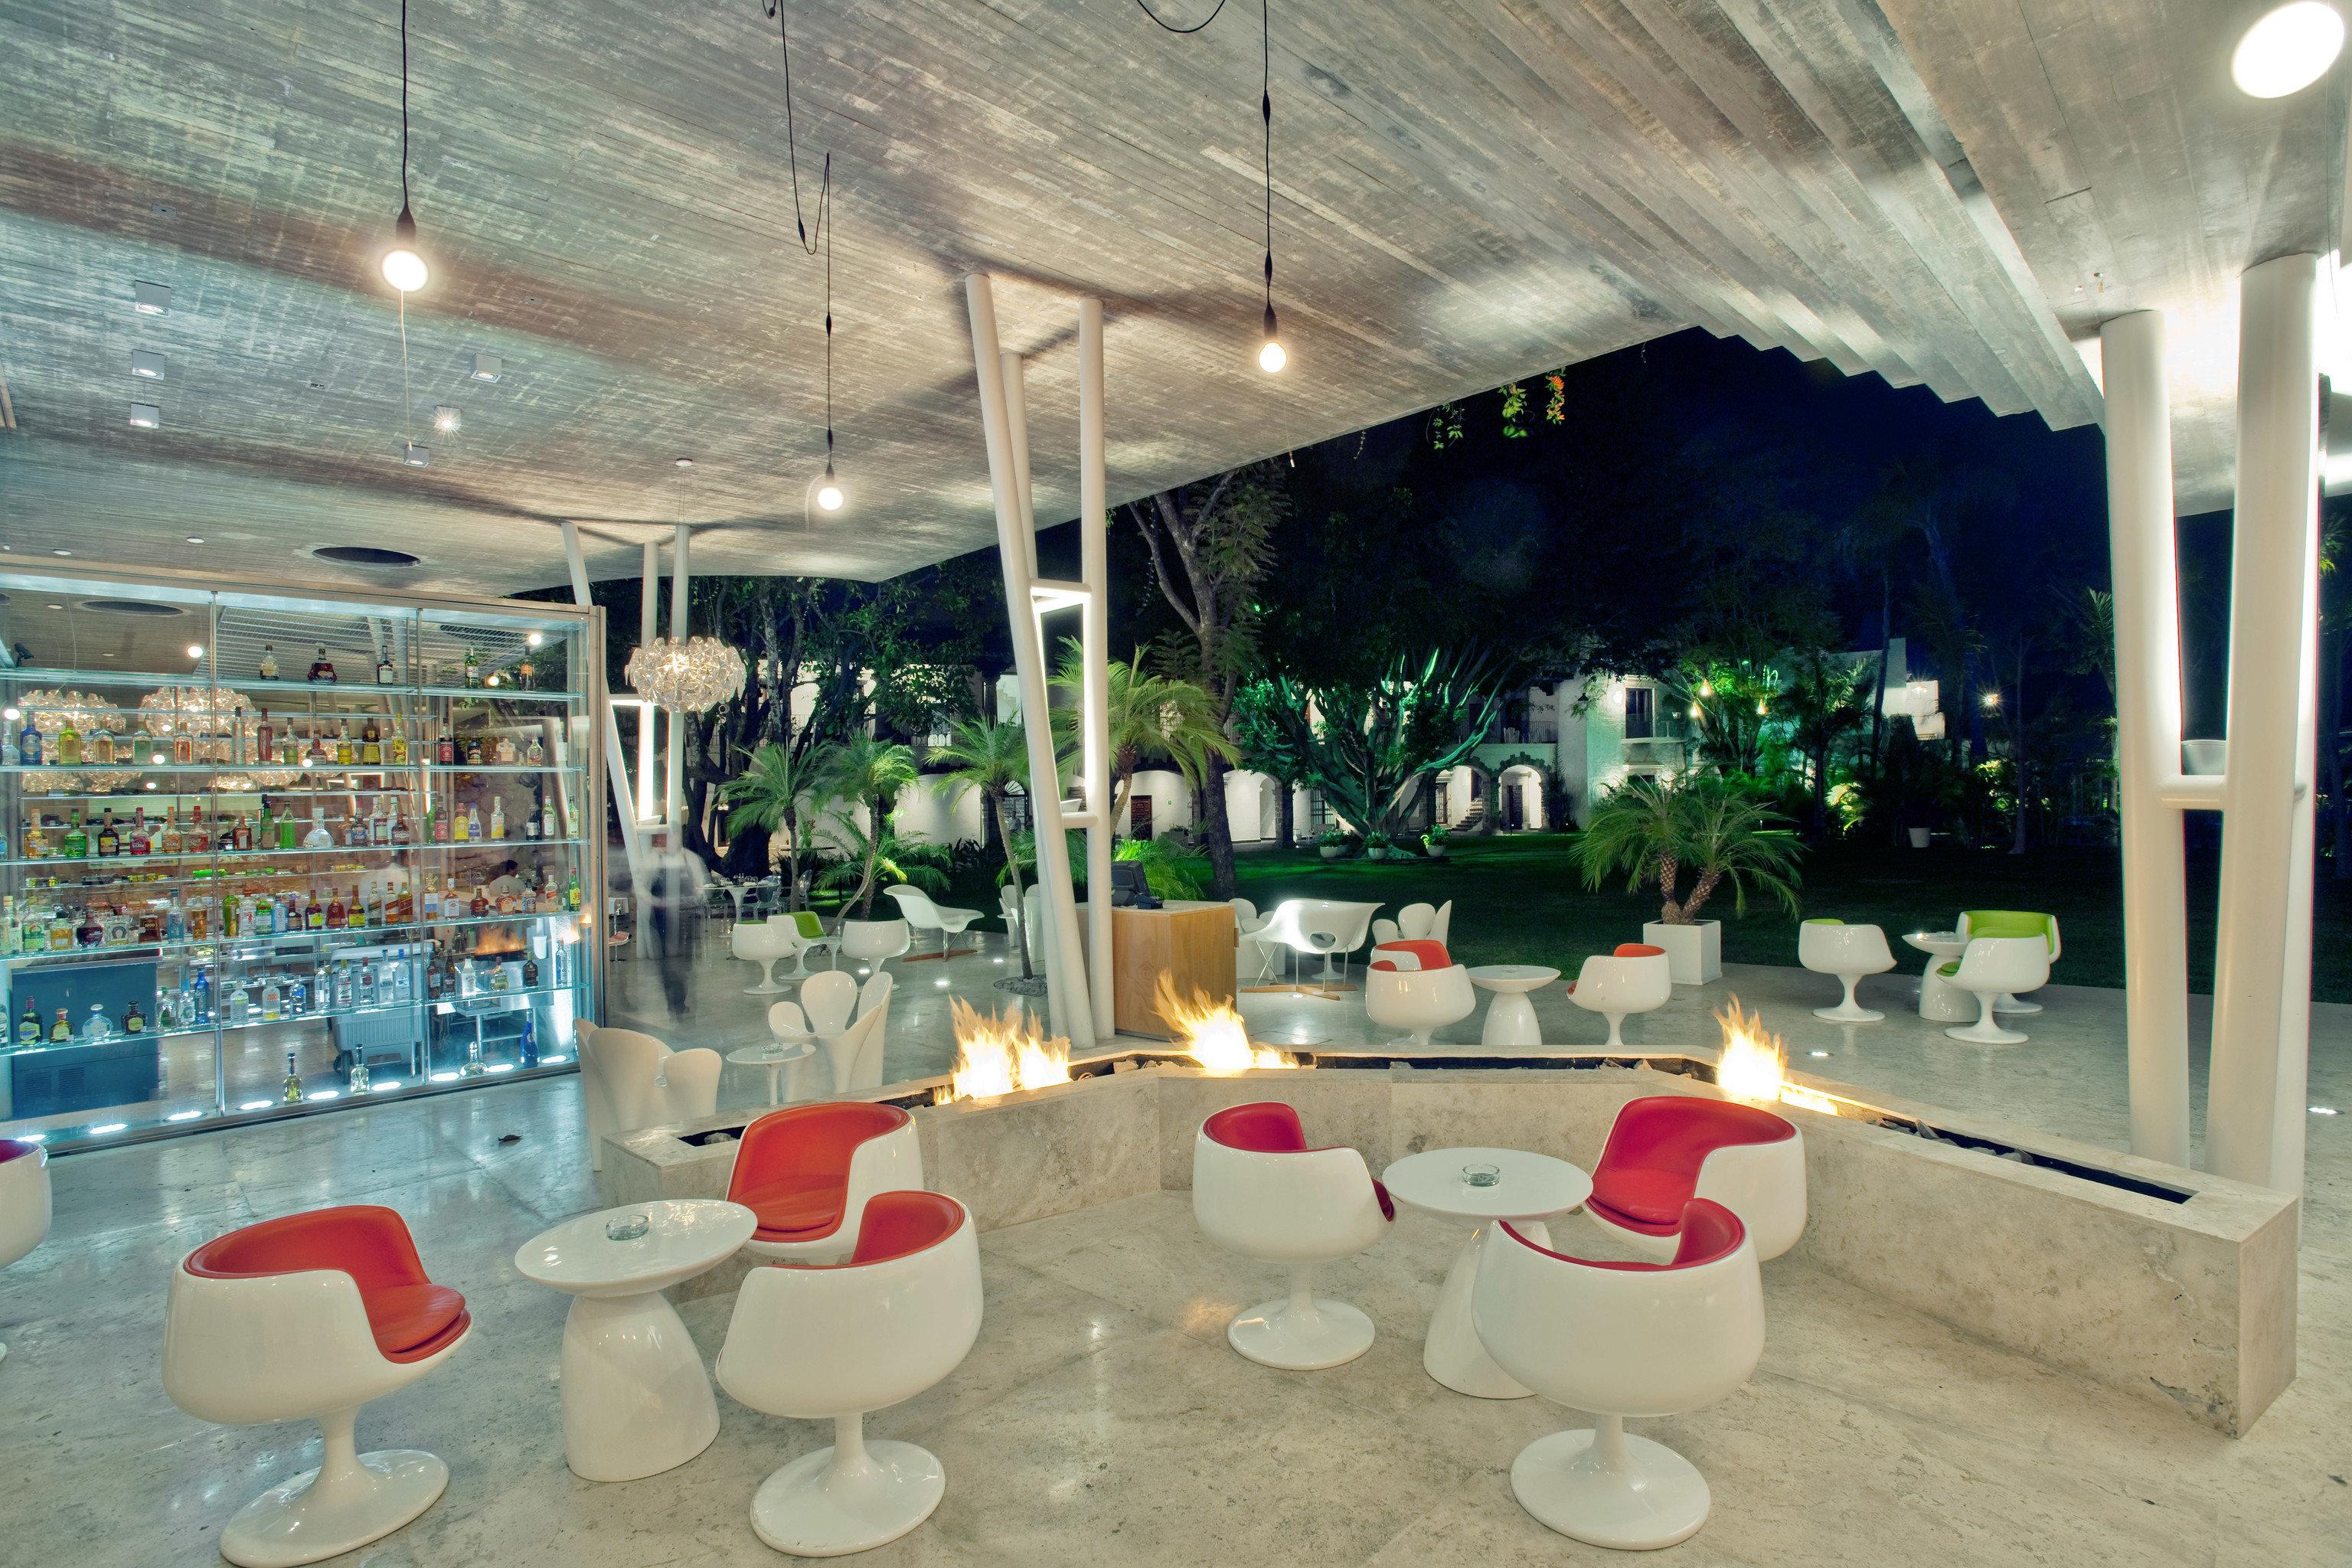 restaurant Lobby lighting